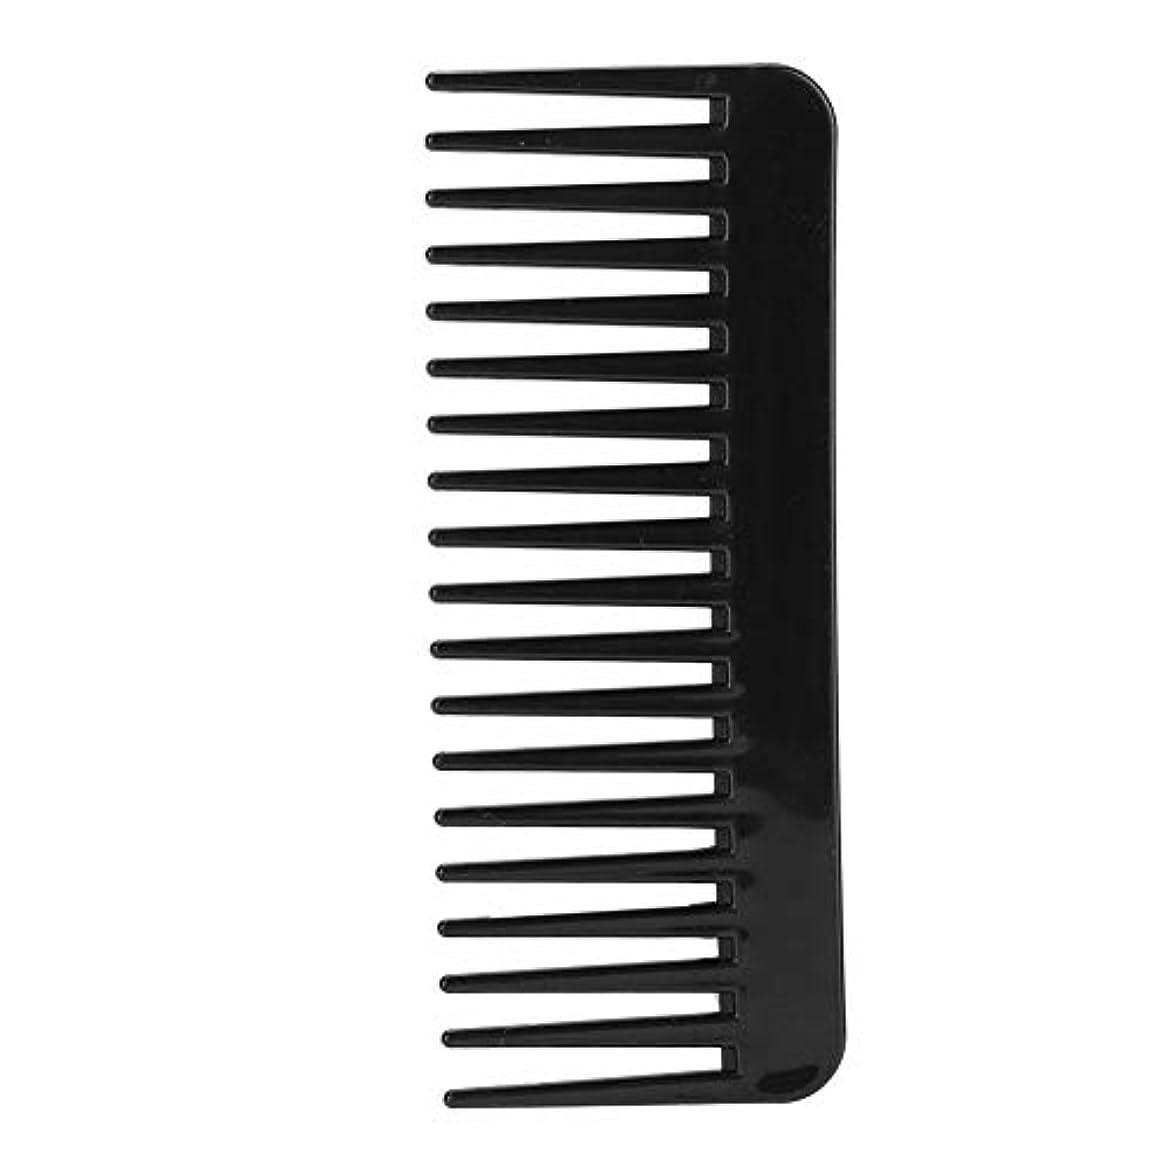 思いやりコジオスコメロディアスオイルの髪の櫛、男性のための携帯用理髪のヘアスタイルの広い歯のレトロオイルヘアツール櫛